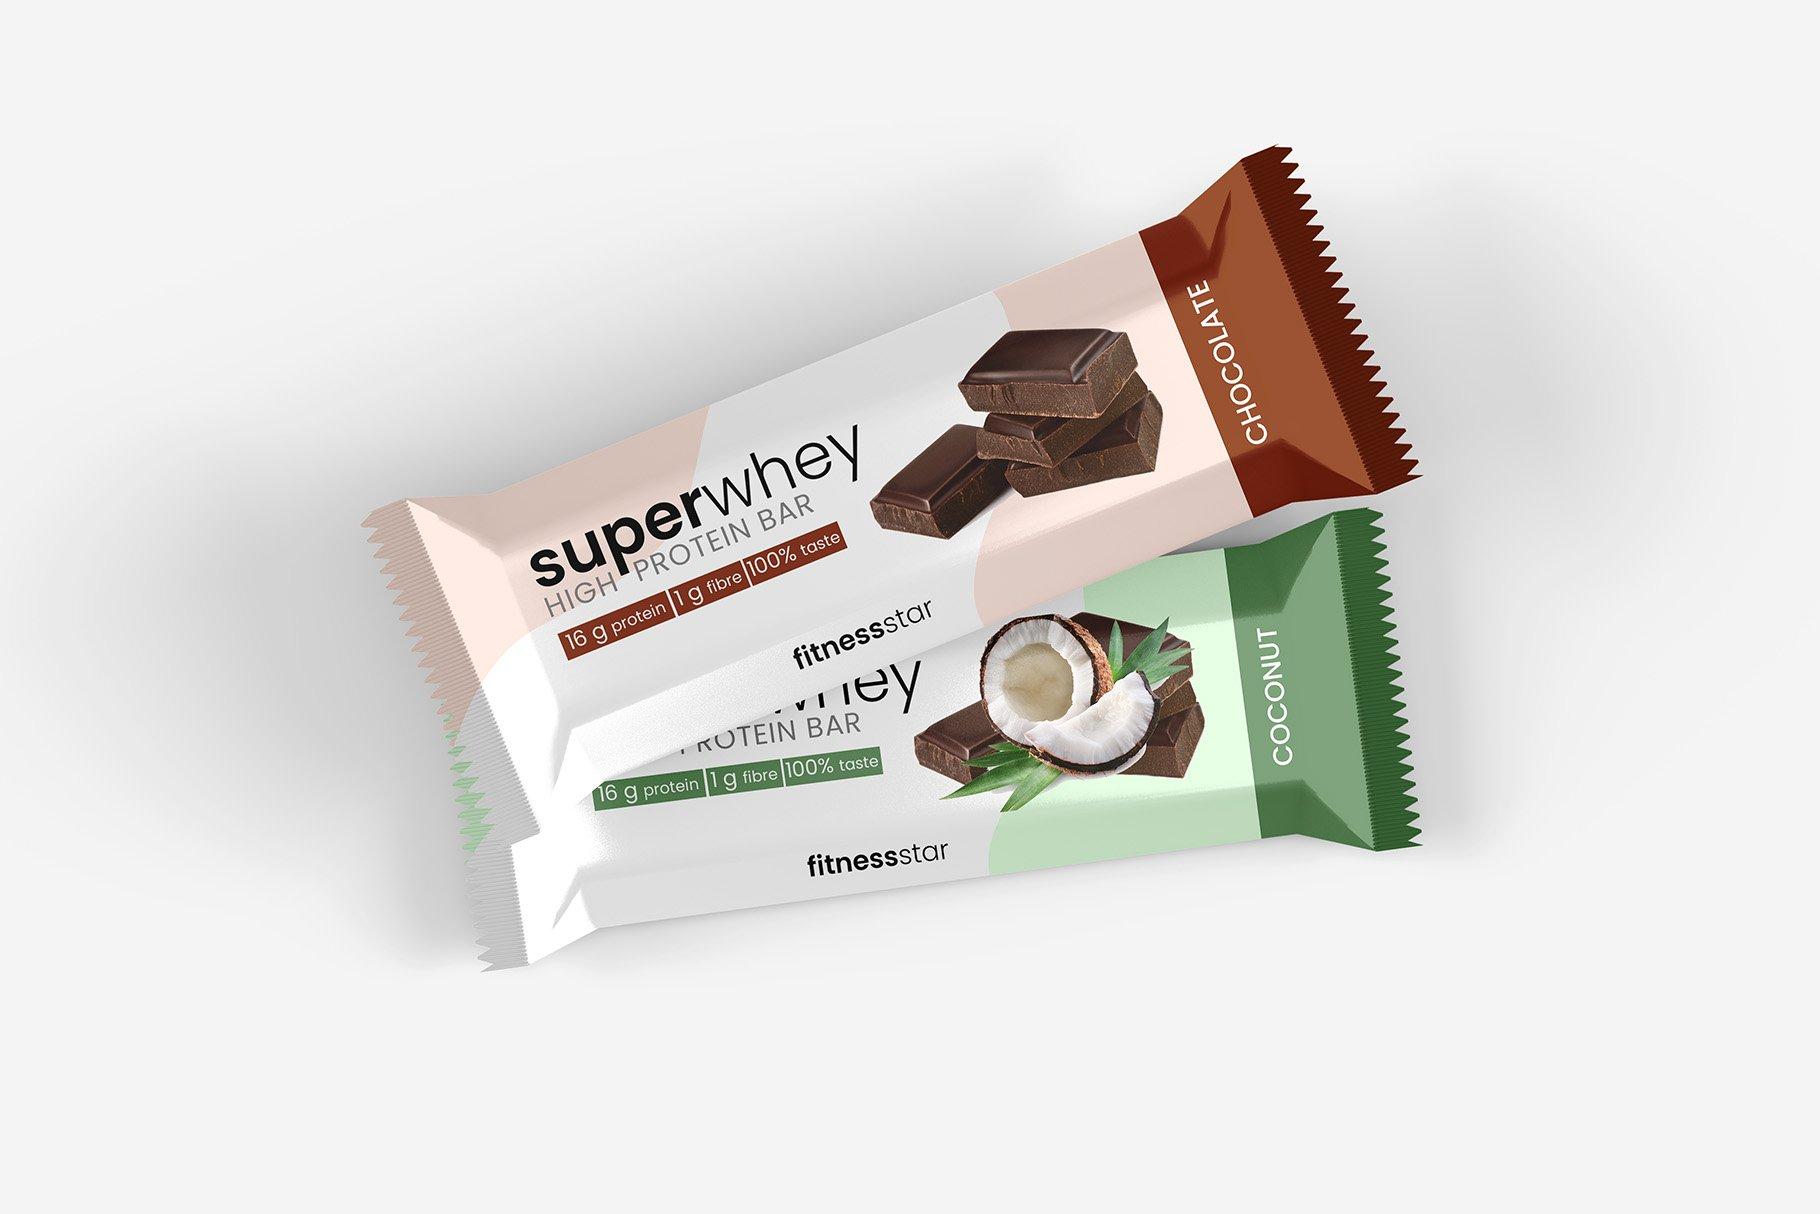 9款零食小吃塑料包装袋设计展示贴图样机 Snack Protein Bar Mockup – 9 Views插图8